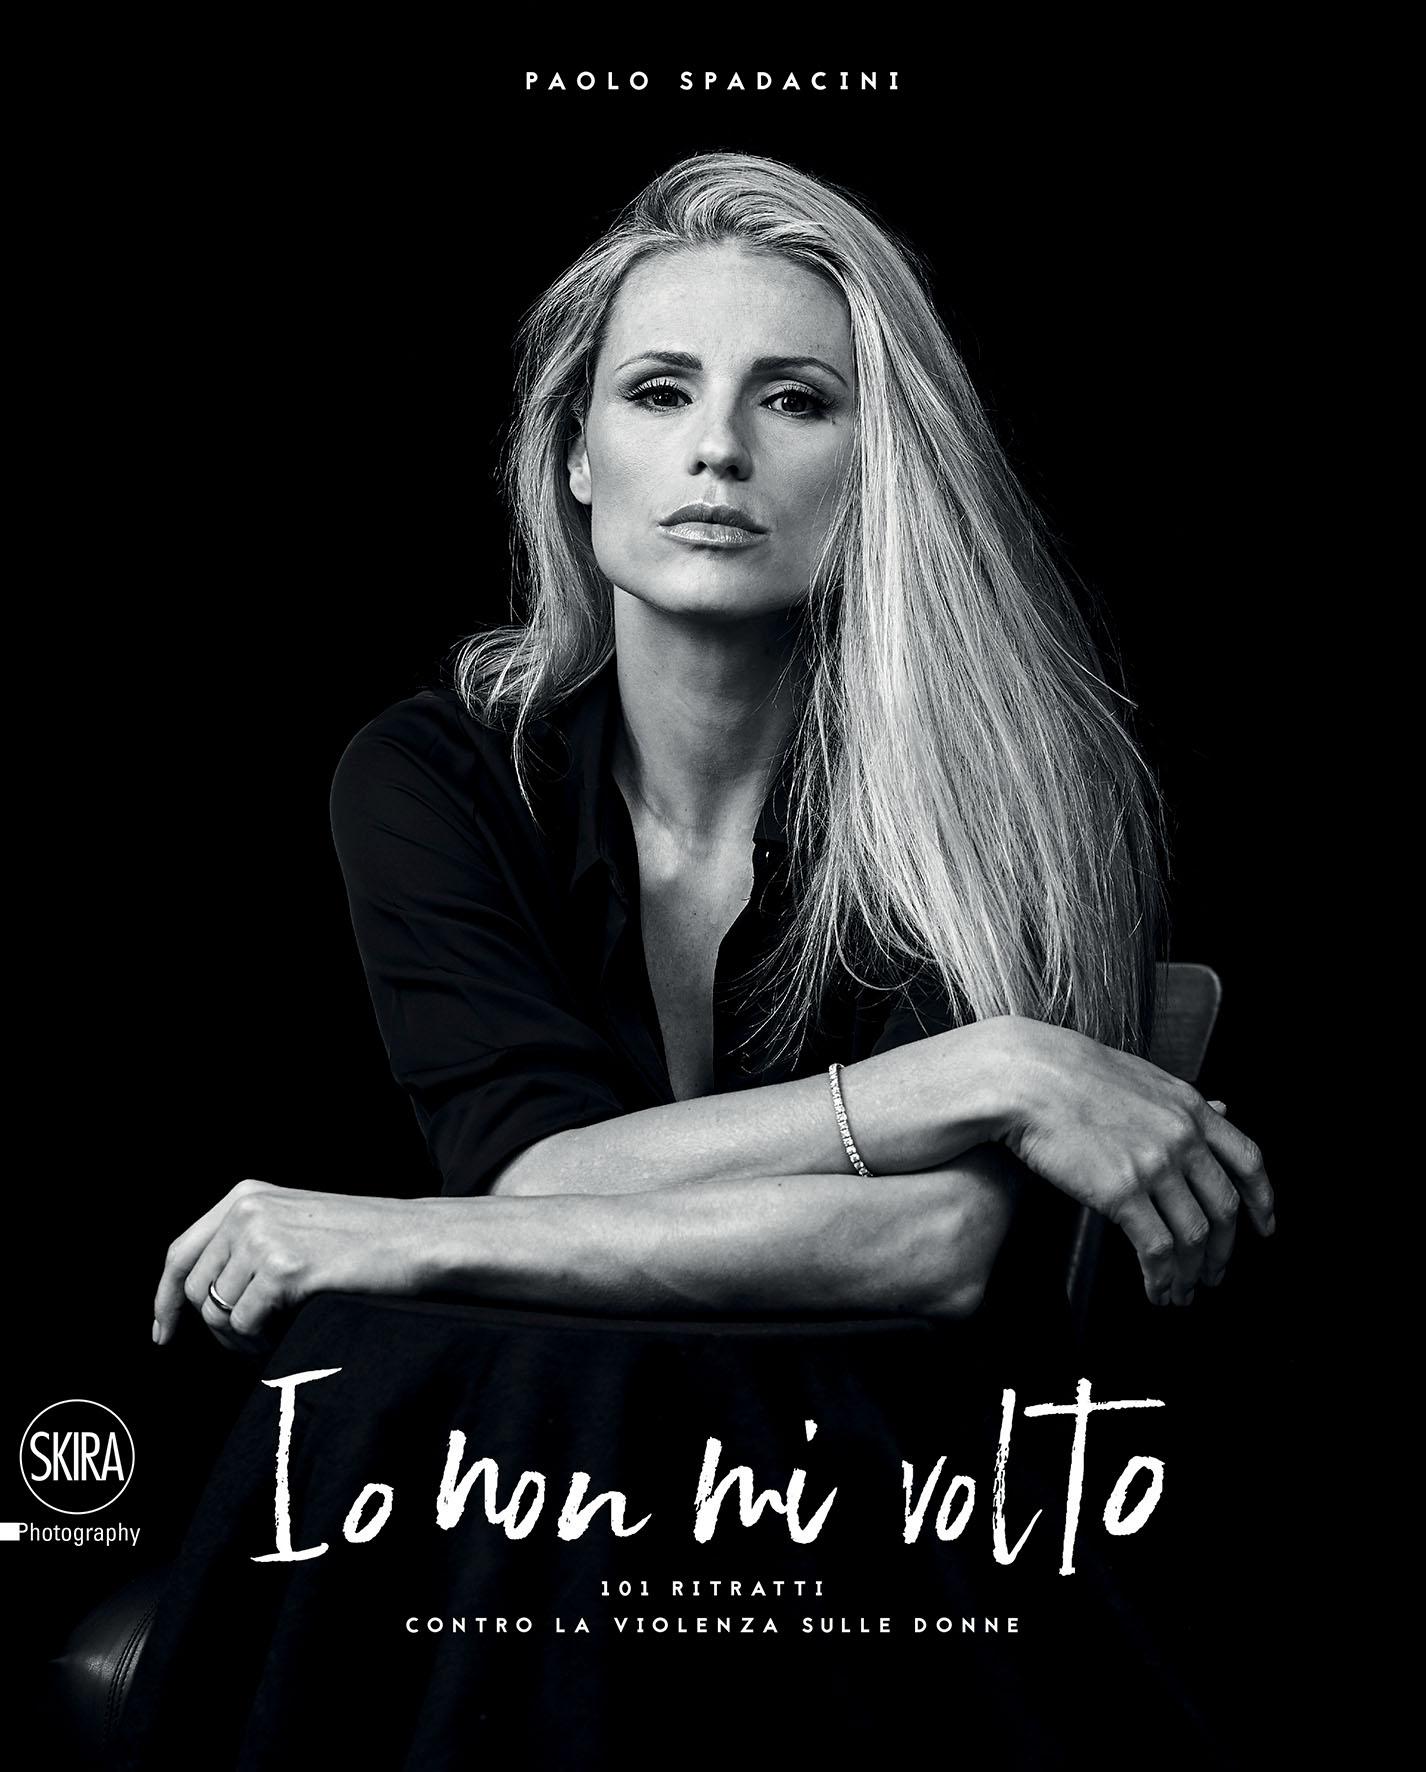 Paolo Spadacini. Io non mi volto. 101 ritratti contro la violenza sulle donne